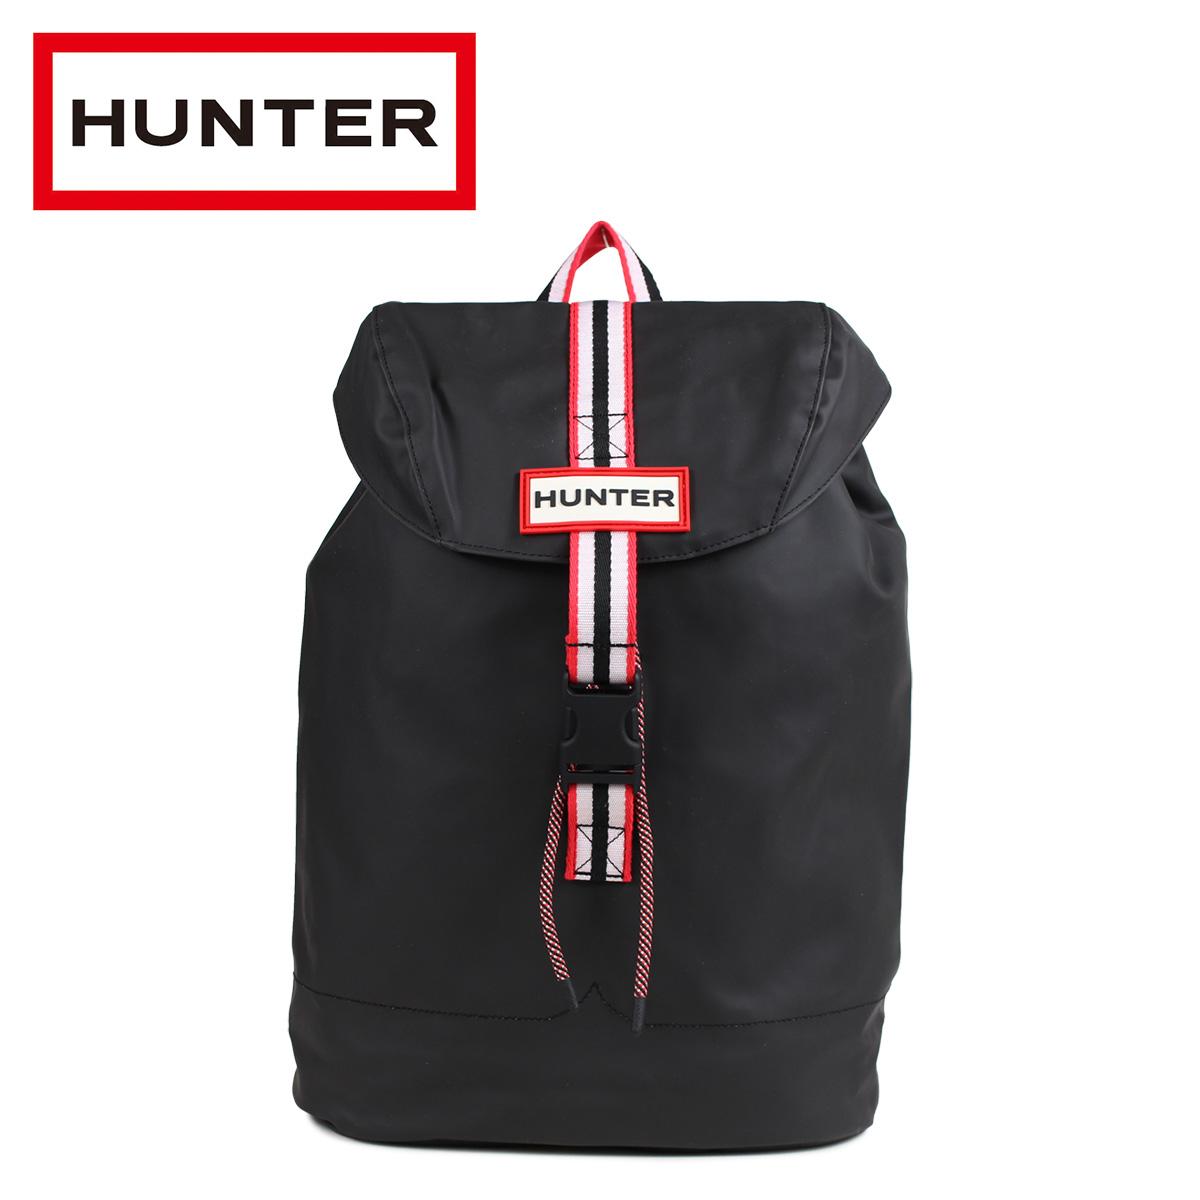 ハンター HUNTER リュック バッグ バックパック メンズ レディース ORIGINAL LIGHTWEIGHT RUBBERISED BACKPACK 防水 ブラック 黒 UBB4032RPU